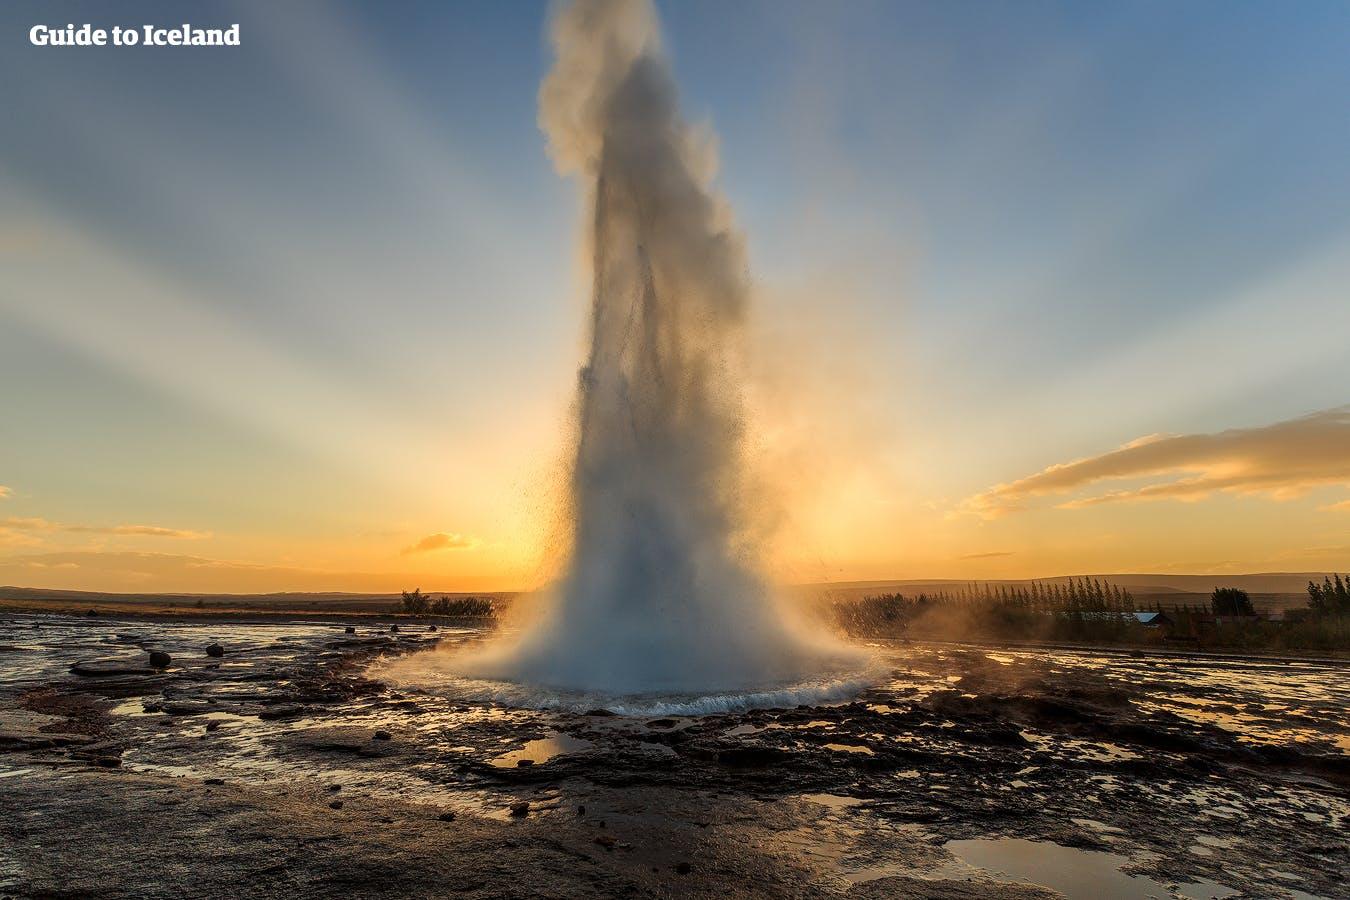 Kompletna 10-dniowa wycieczka z przewodnikiem po całej obwodnicy Islandii z Reykjaviku - day 2